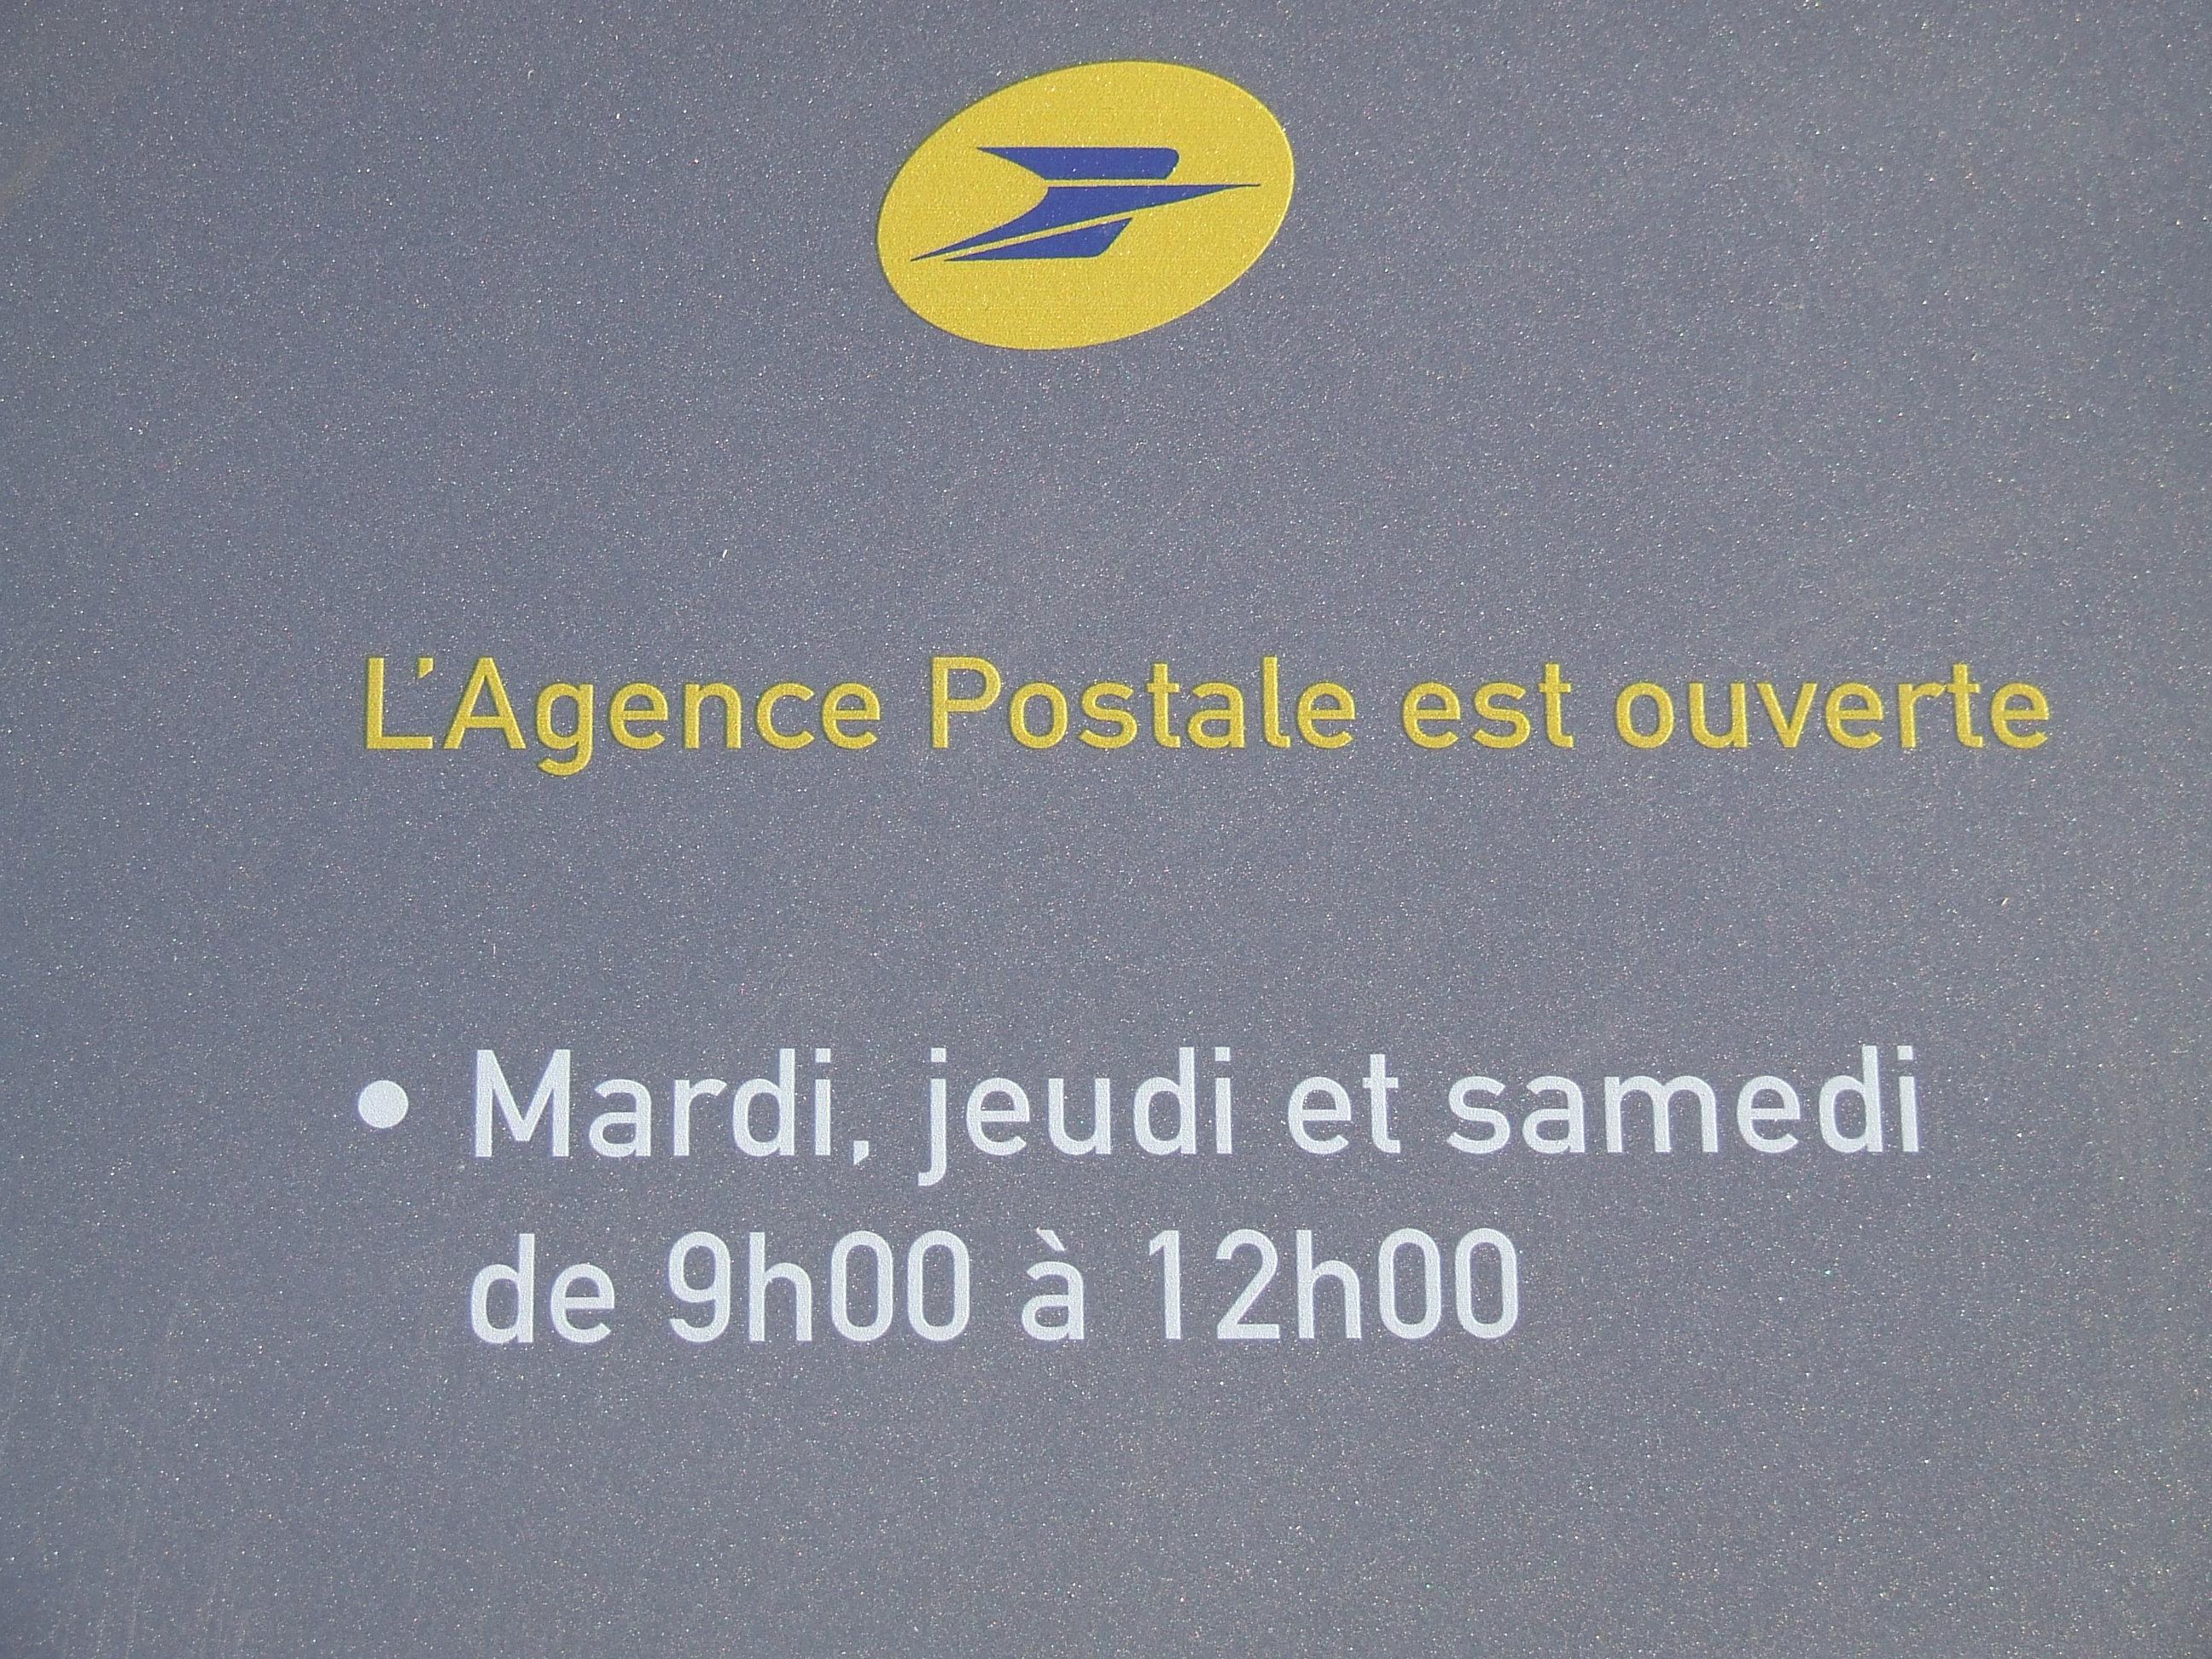 http://www.lamazierebasse.correze.net/data/uploads/agence-postale/dscf0653.jpg